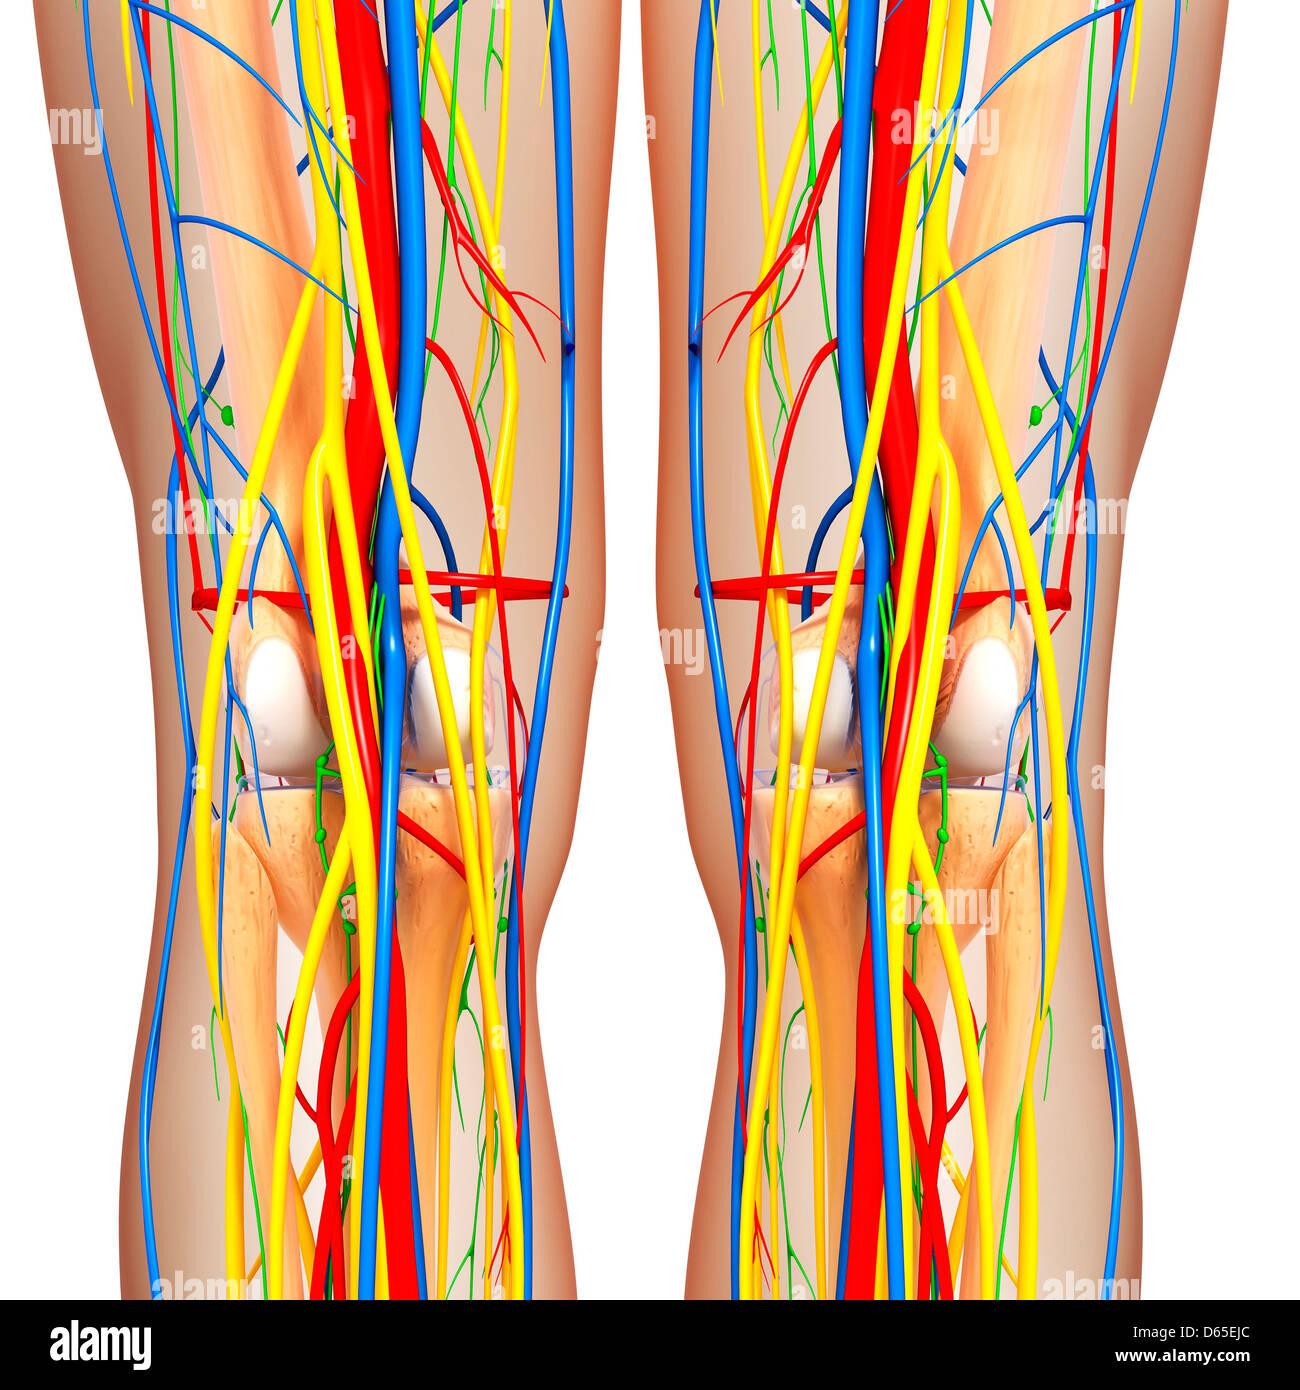 Knie-Anatomie, artwork Stockfoto, Bild: 55440292 - Alamy